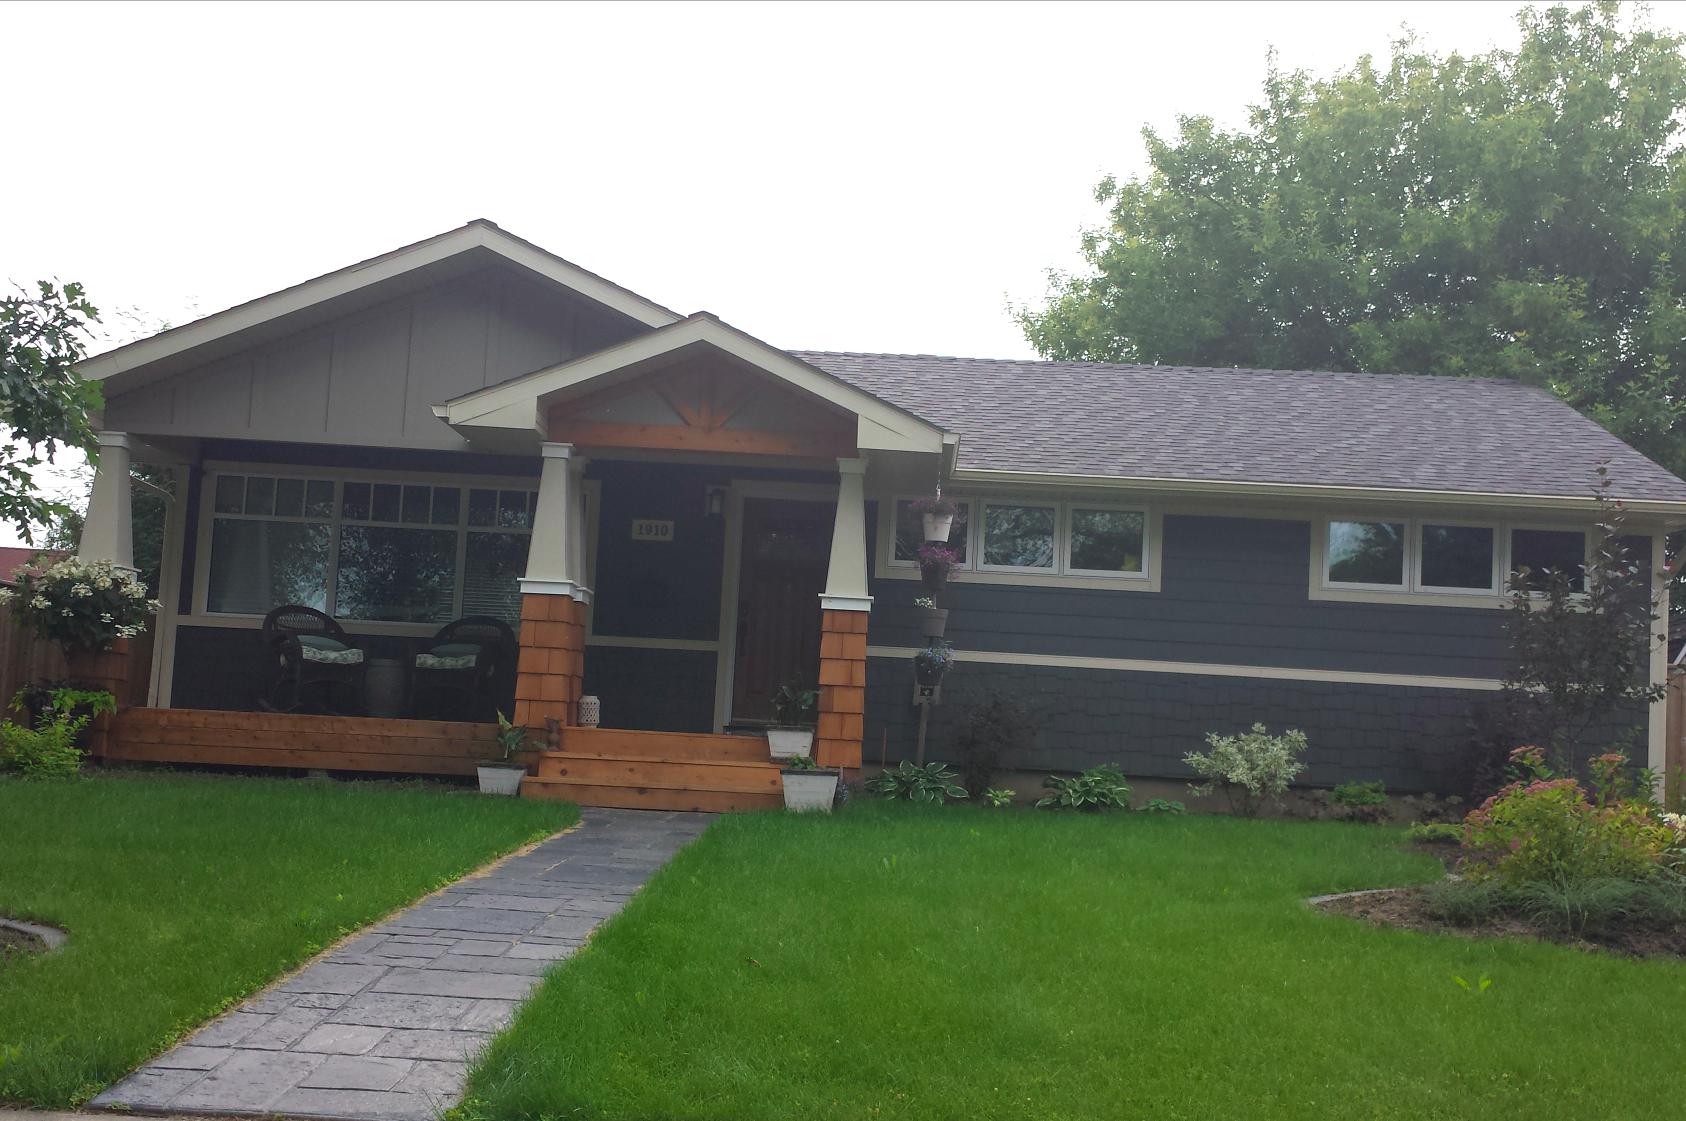 Cape cod front porch ideas - Cape Cod Porch Style Bungalow Front Entrance Design Walkw